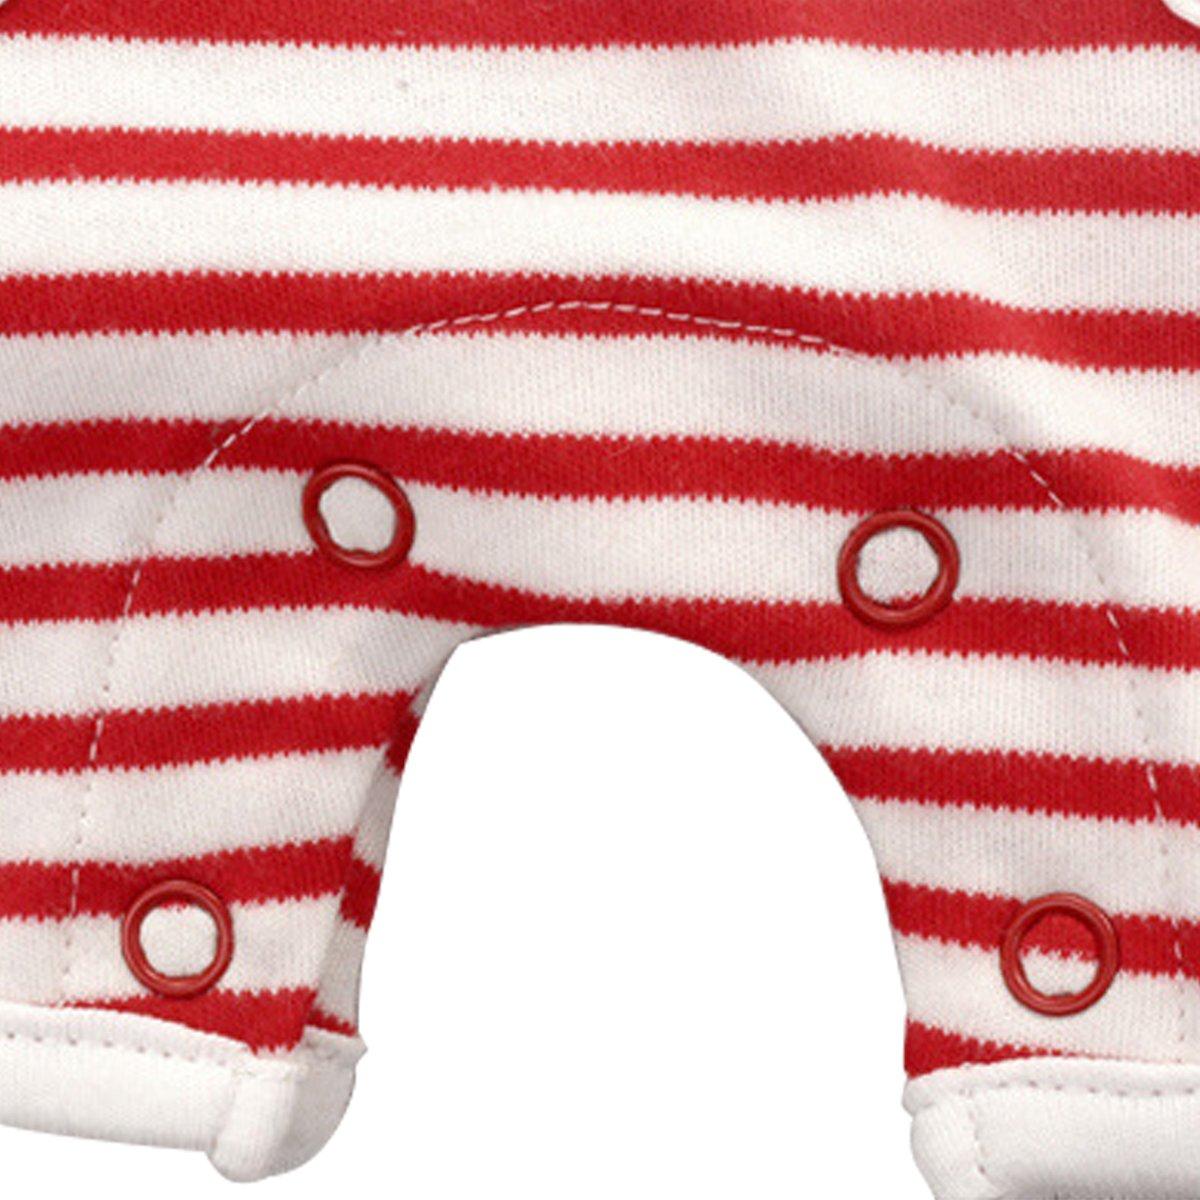 Bebone Mameluco Pelele Deporte Bebé Niño Algodón sin Manga (Rojo, 18-24M): Amazon.es: Ropa y accesorios